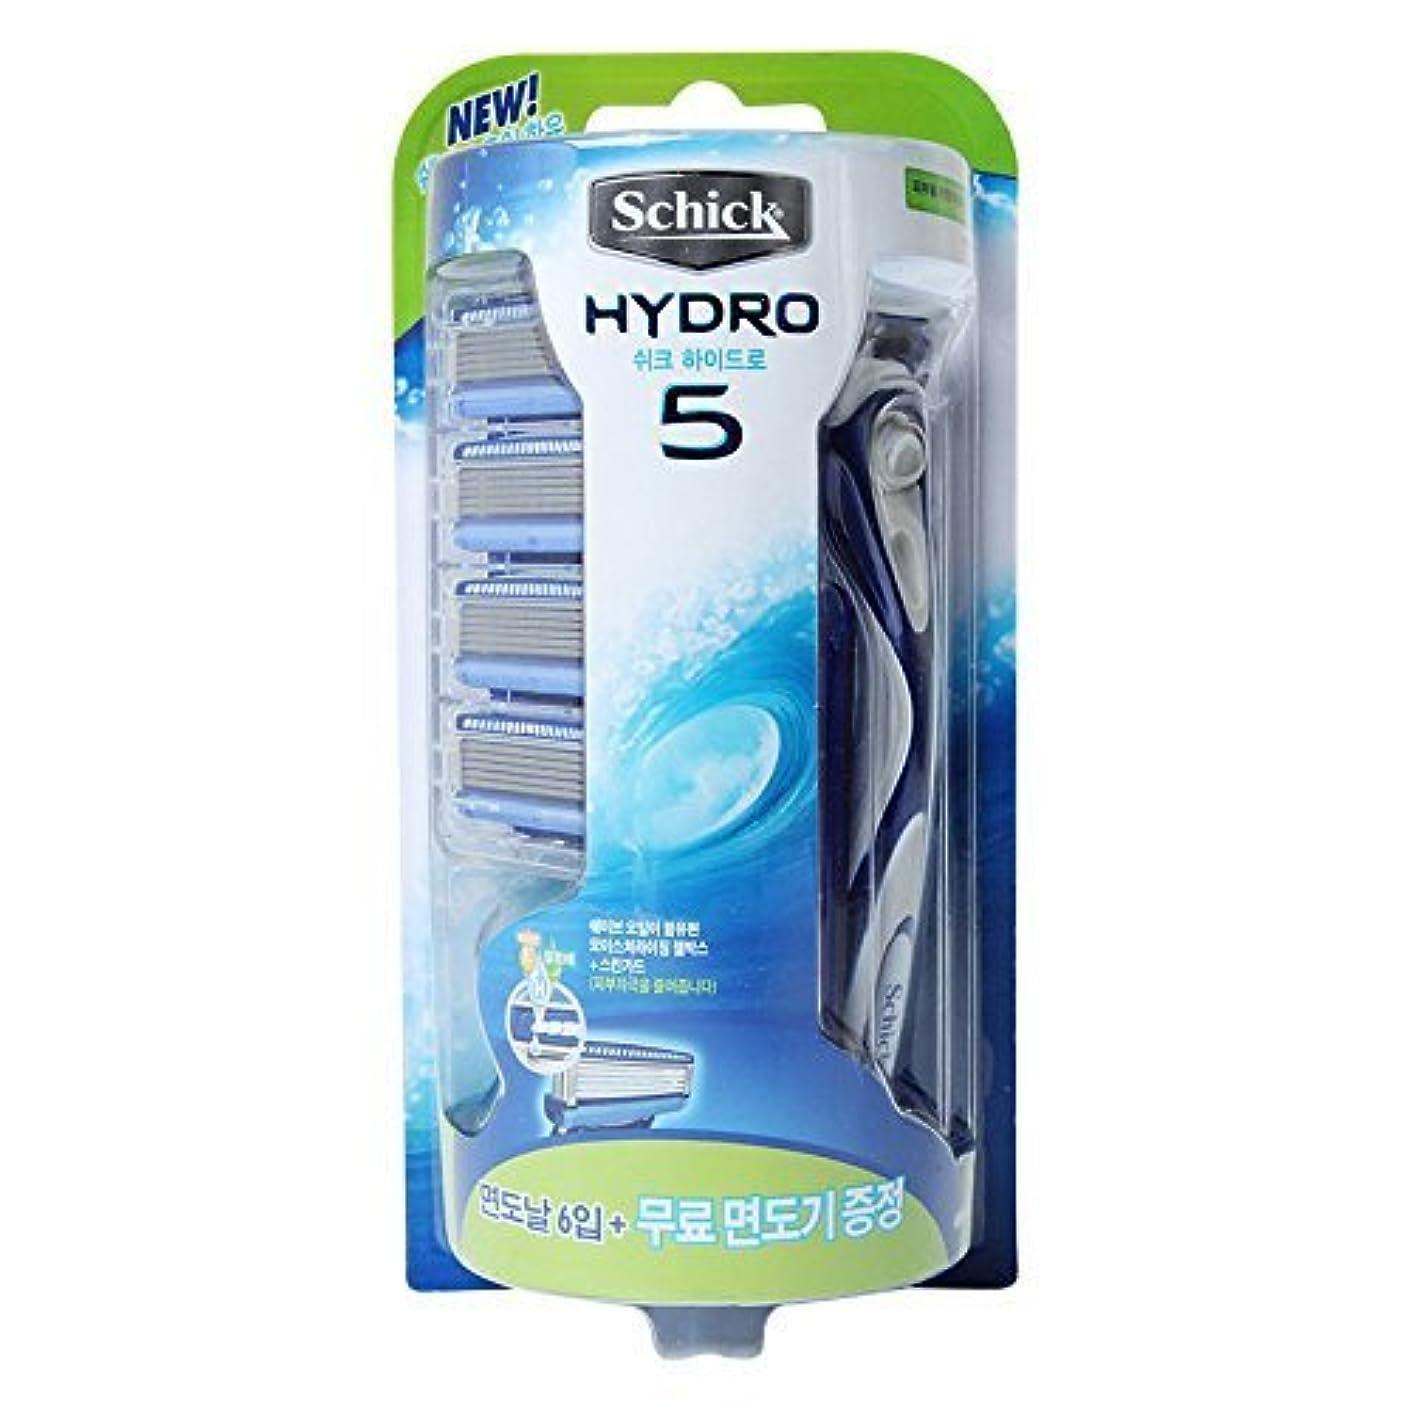 ピストン人口蒸発するSchick HYDRO 5 Razor / razor blade 6pcs レザーブレードを含む [並行輸入品]